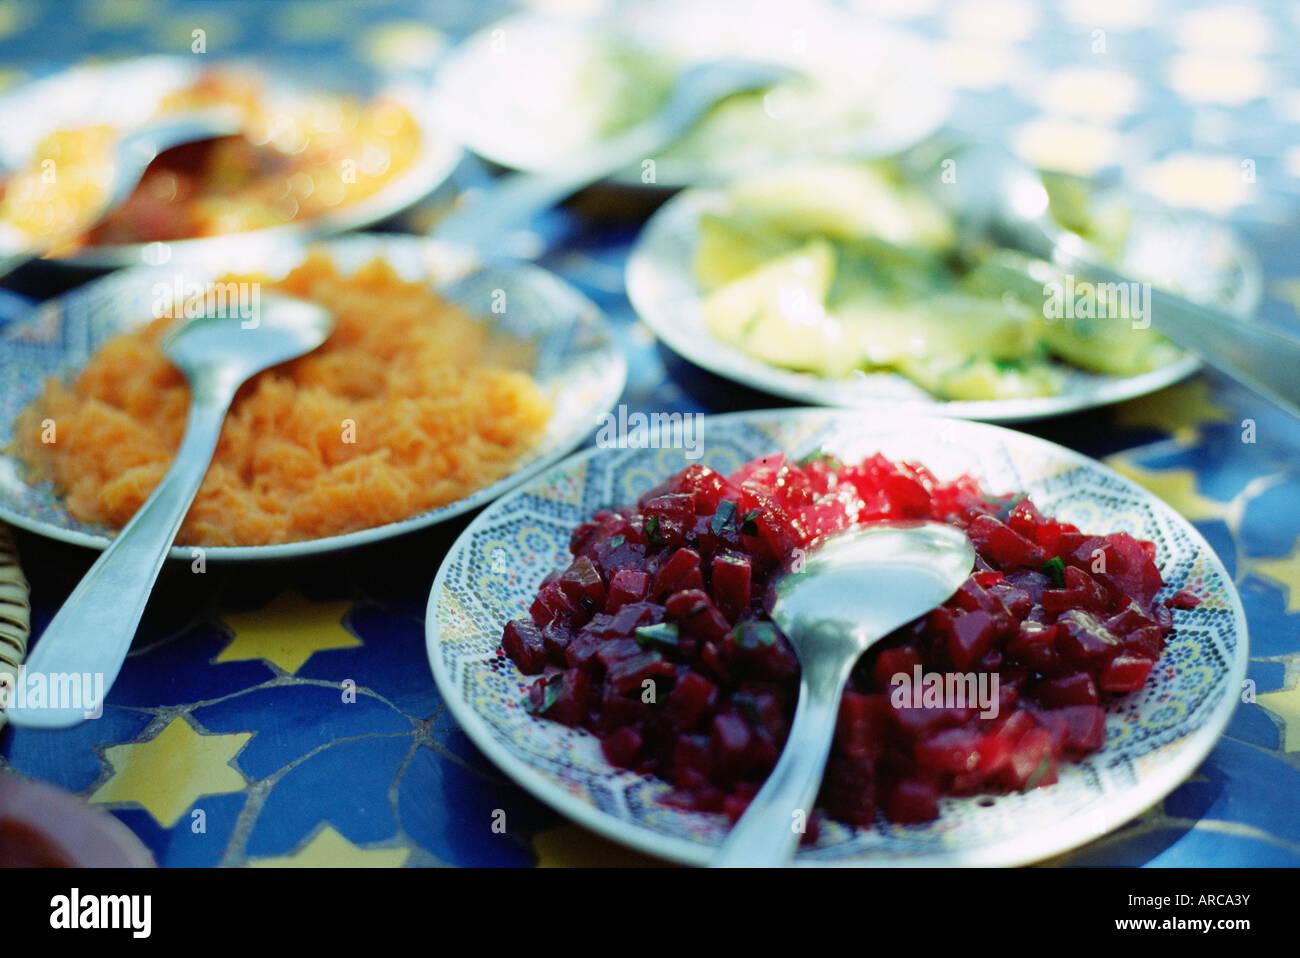 Piastre di insalata marocchina, tradizionale primo corso in ristoranti, Marrakesh (Marrakech), Marocco, Africa Settentrionale, Immagini Stock